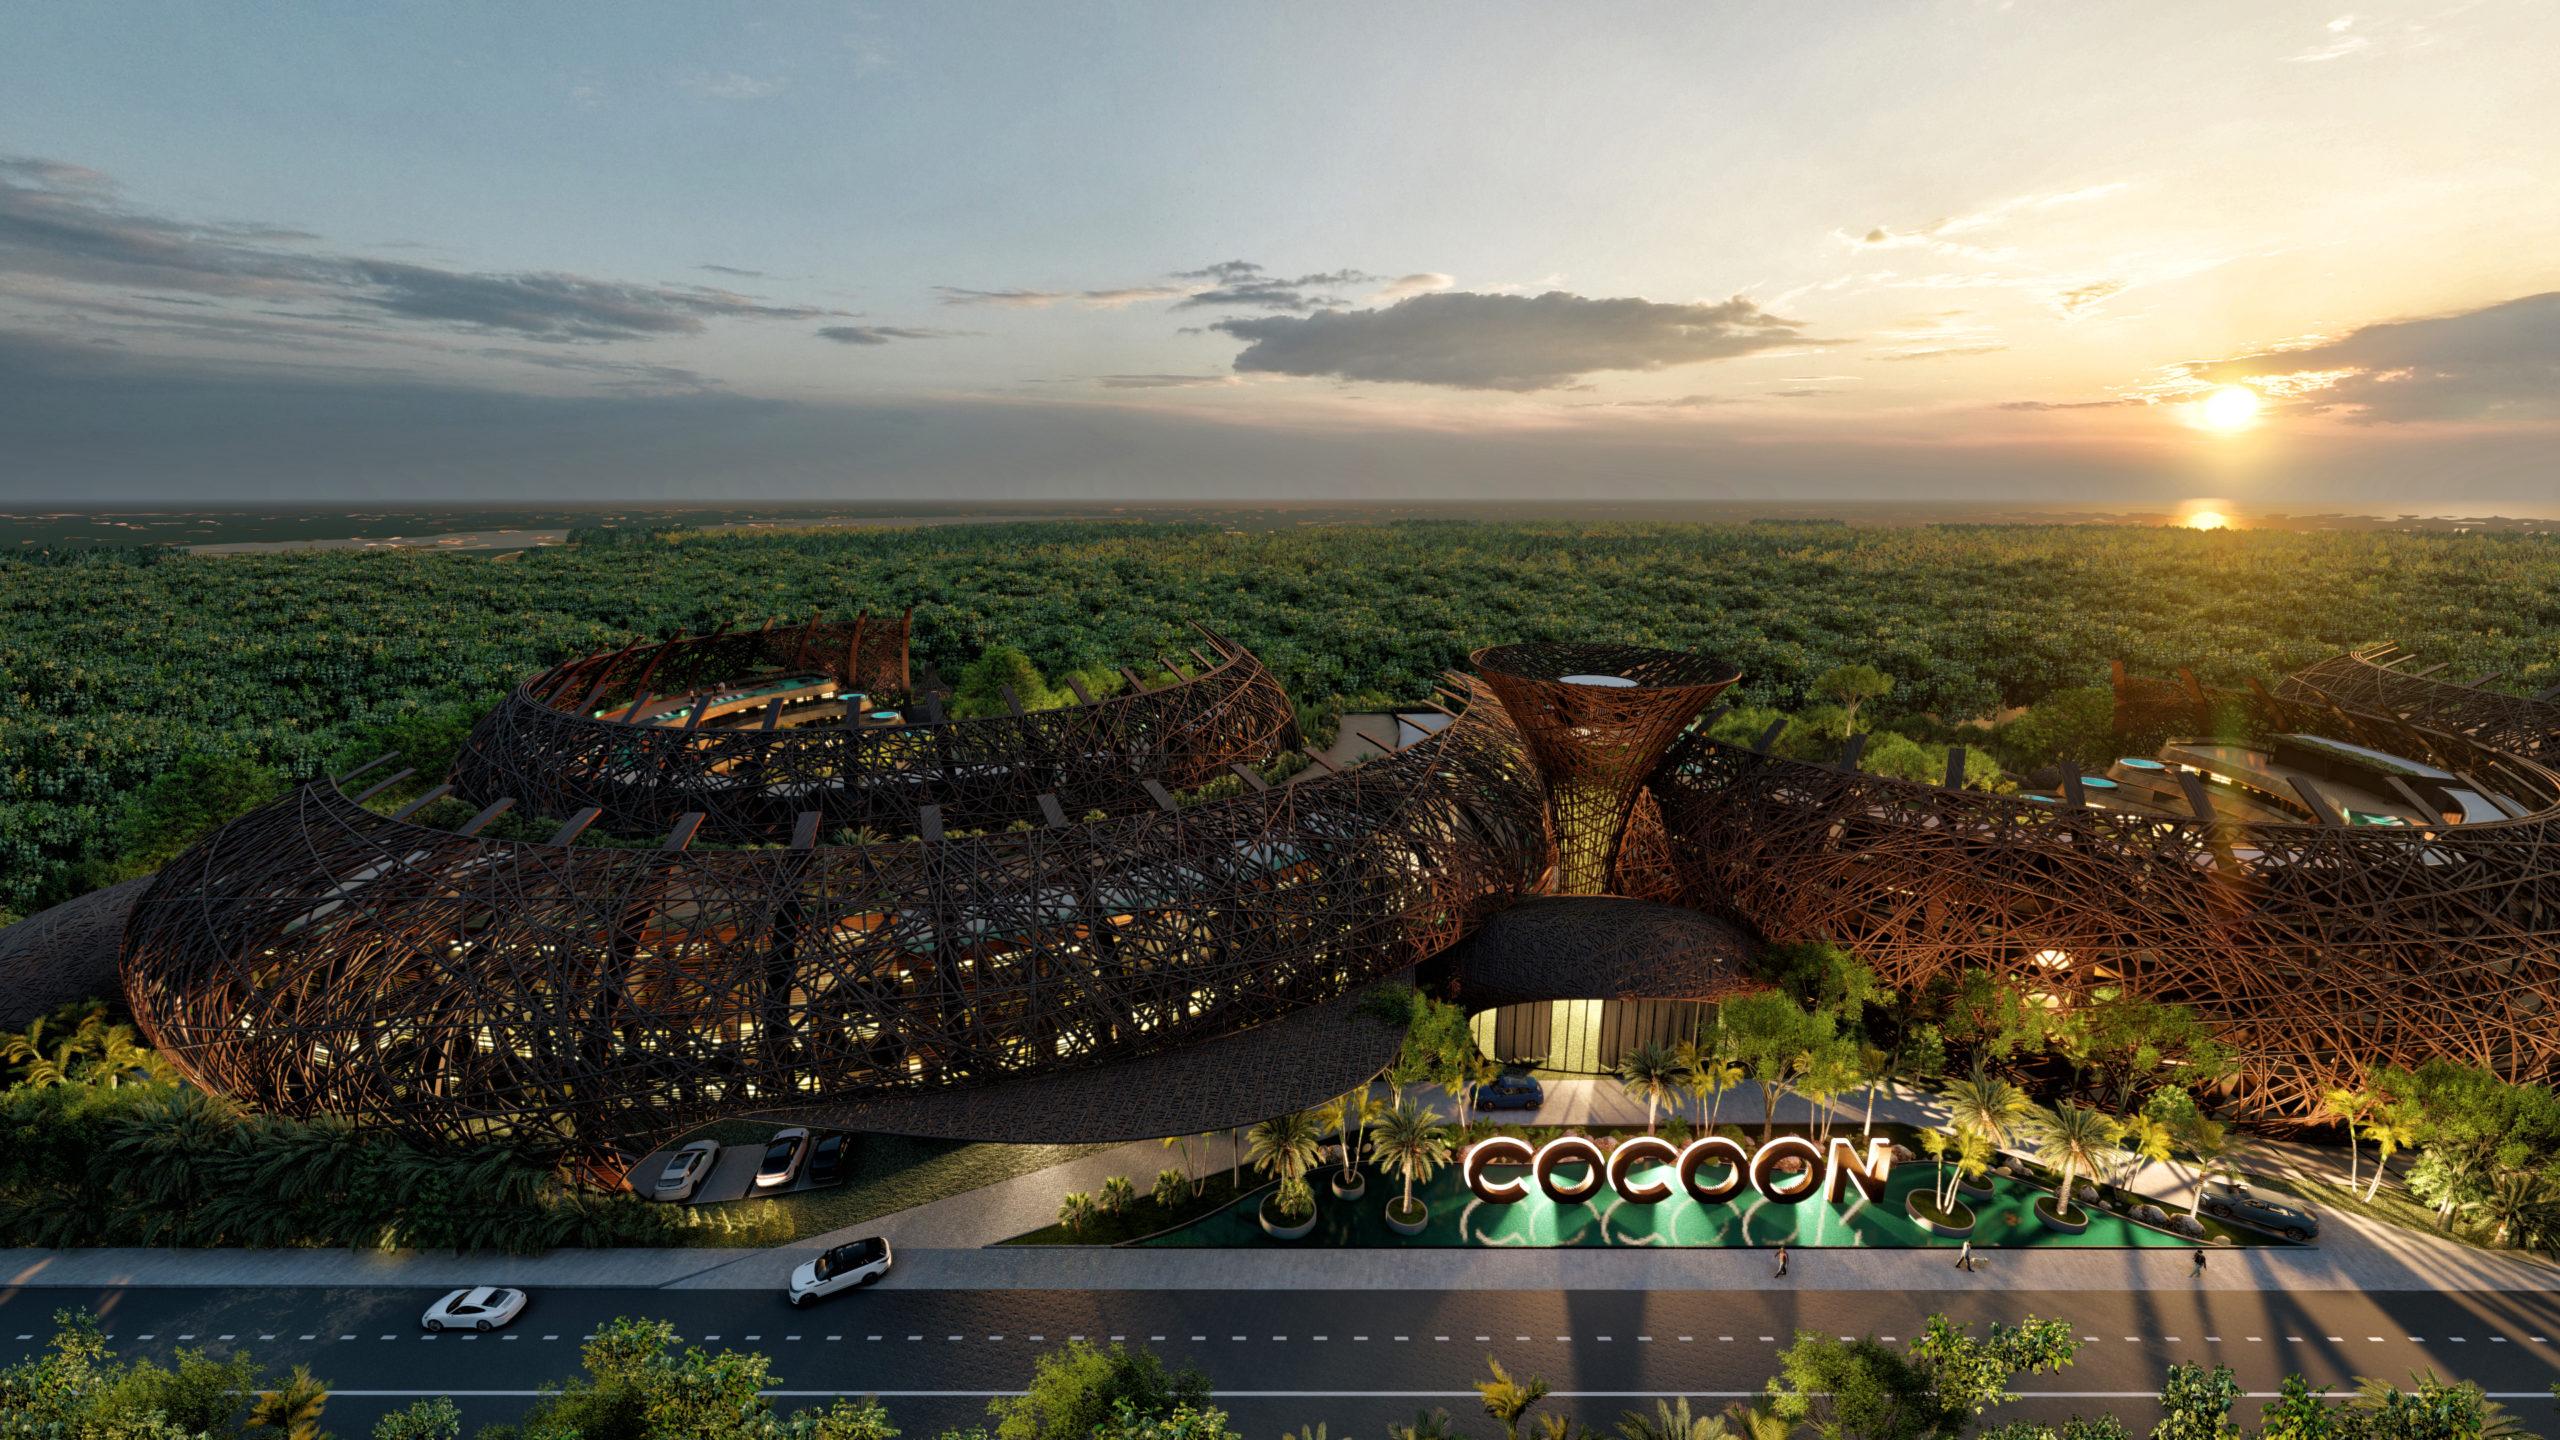 COCOON, el nuevo resort de Tulum que apuesta por la ecología